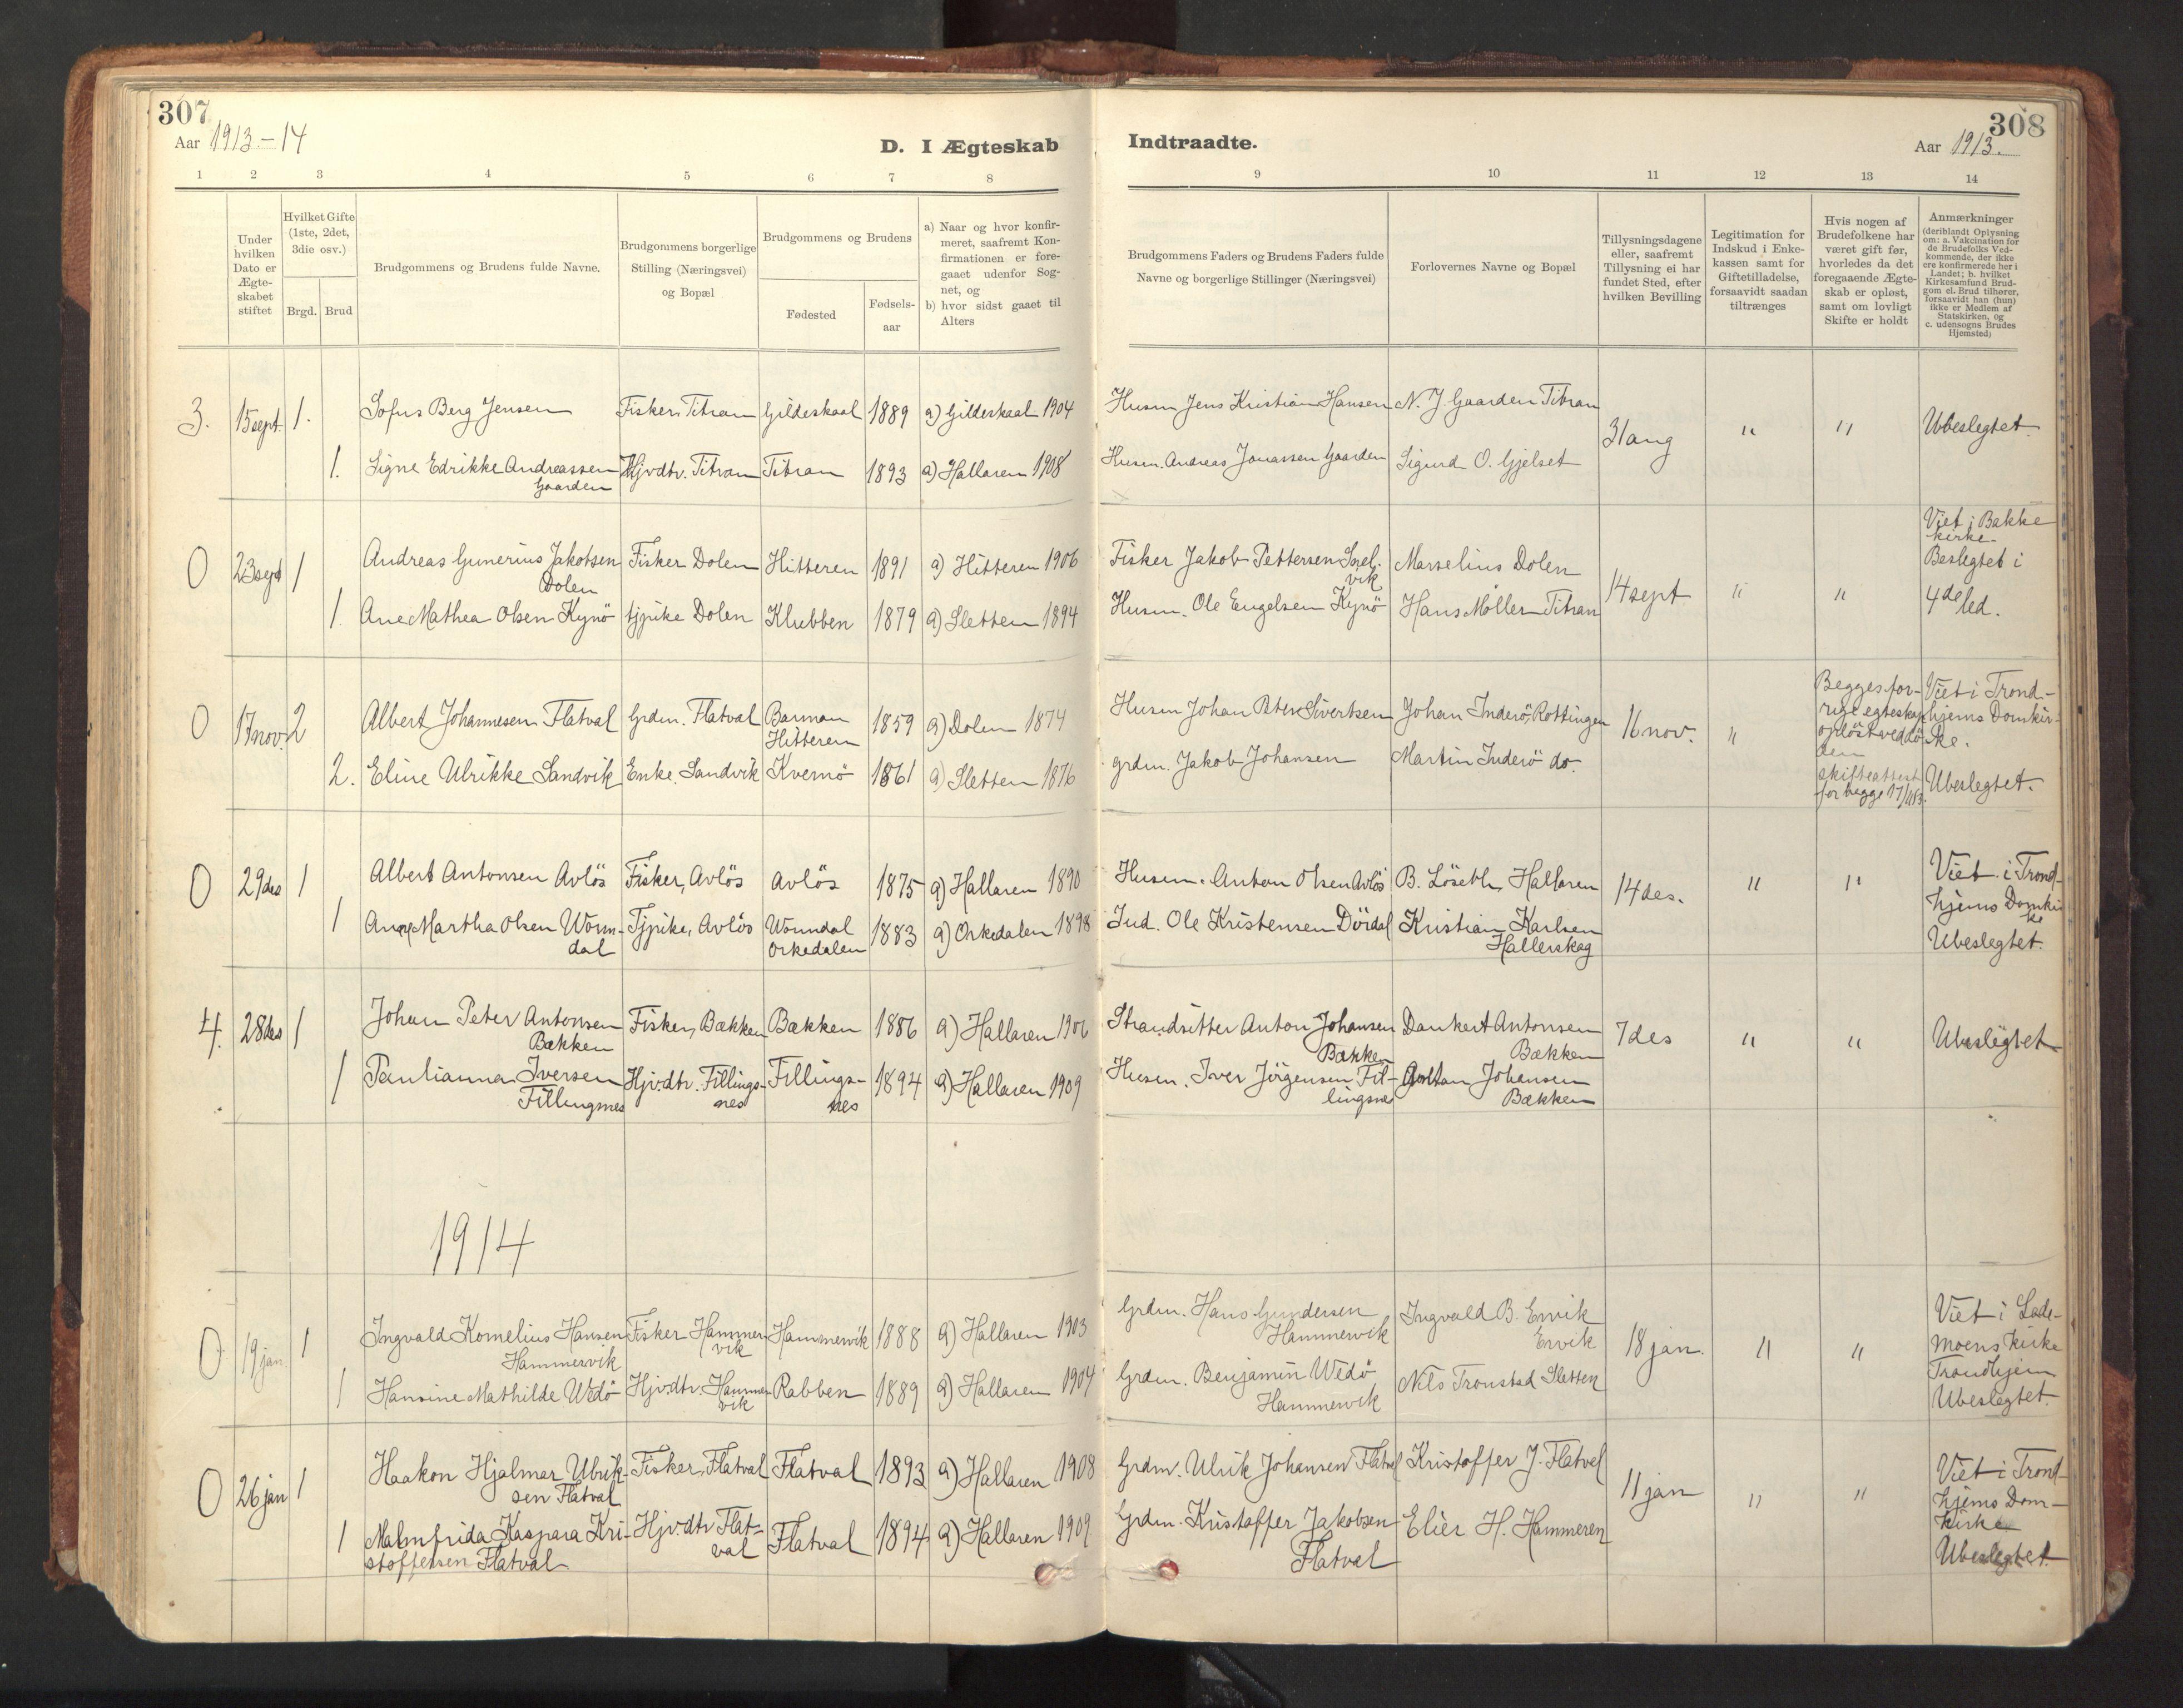 SAT, Ministerialprotokoller, klokkerbøker og fødselsregistre - Sør-Trøndelag, 641/L0596: Ministerialbok nr. 641A02, 1898-1915, s. 307-308